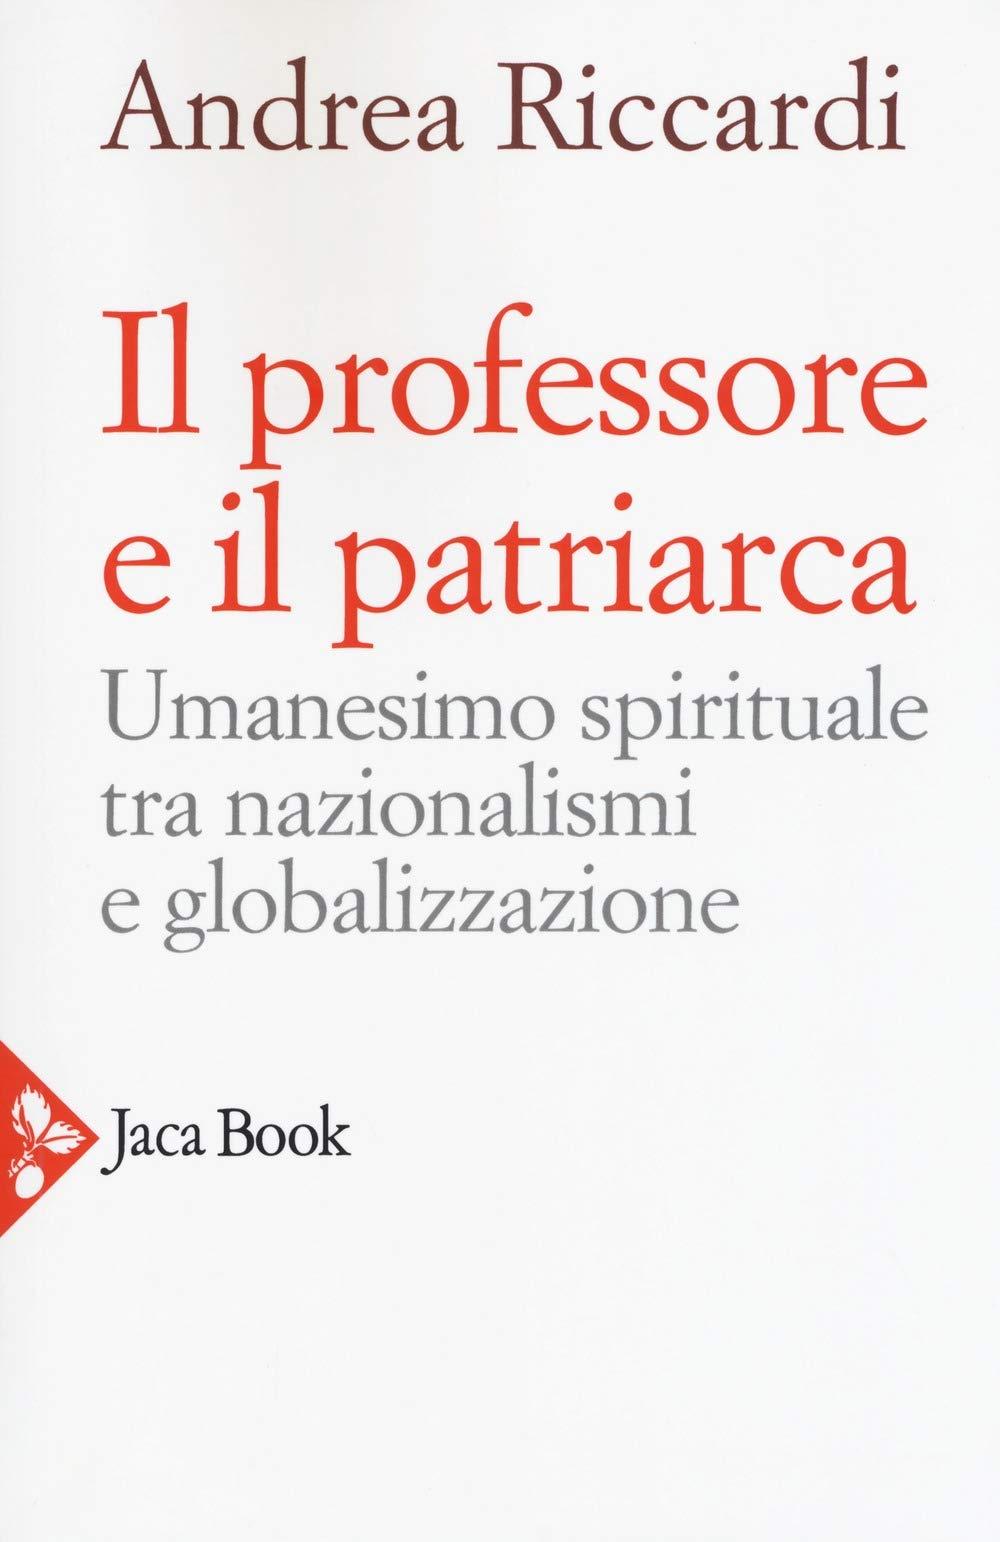 Il professore e il patriarca. Umanesimo spirituale tra nazionalismi e globalizzazione